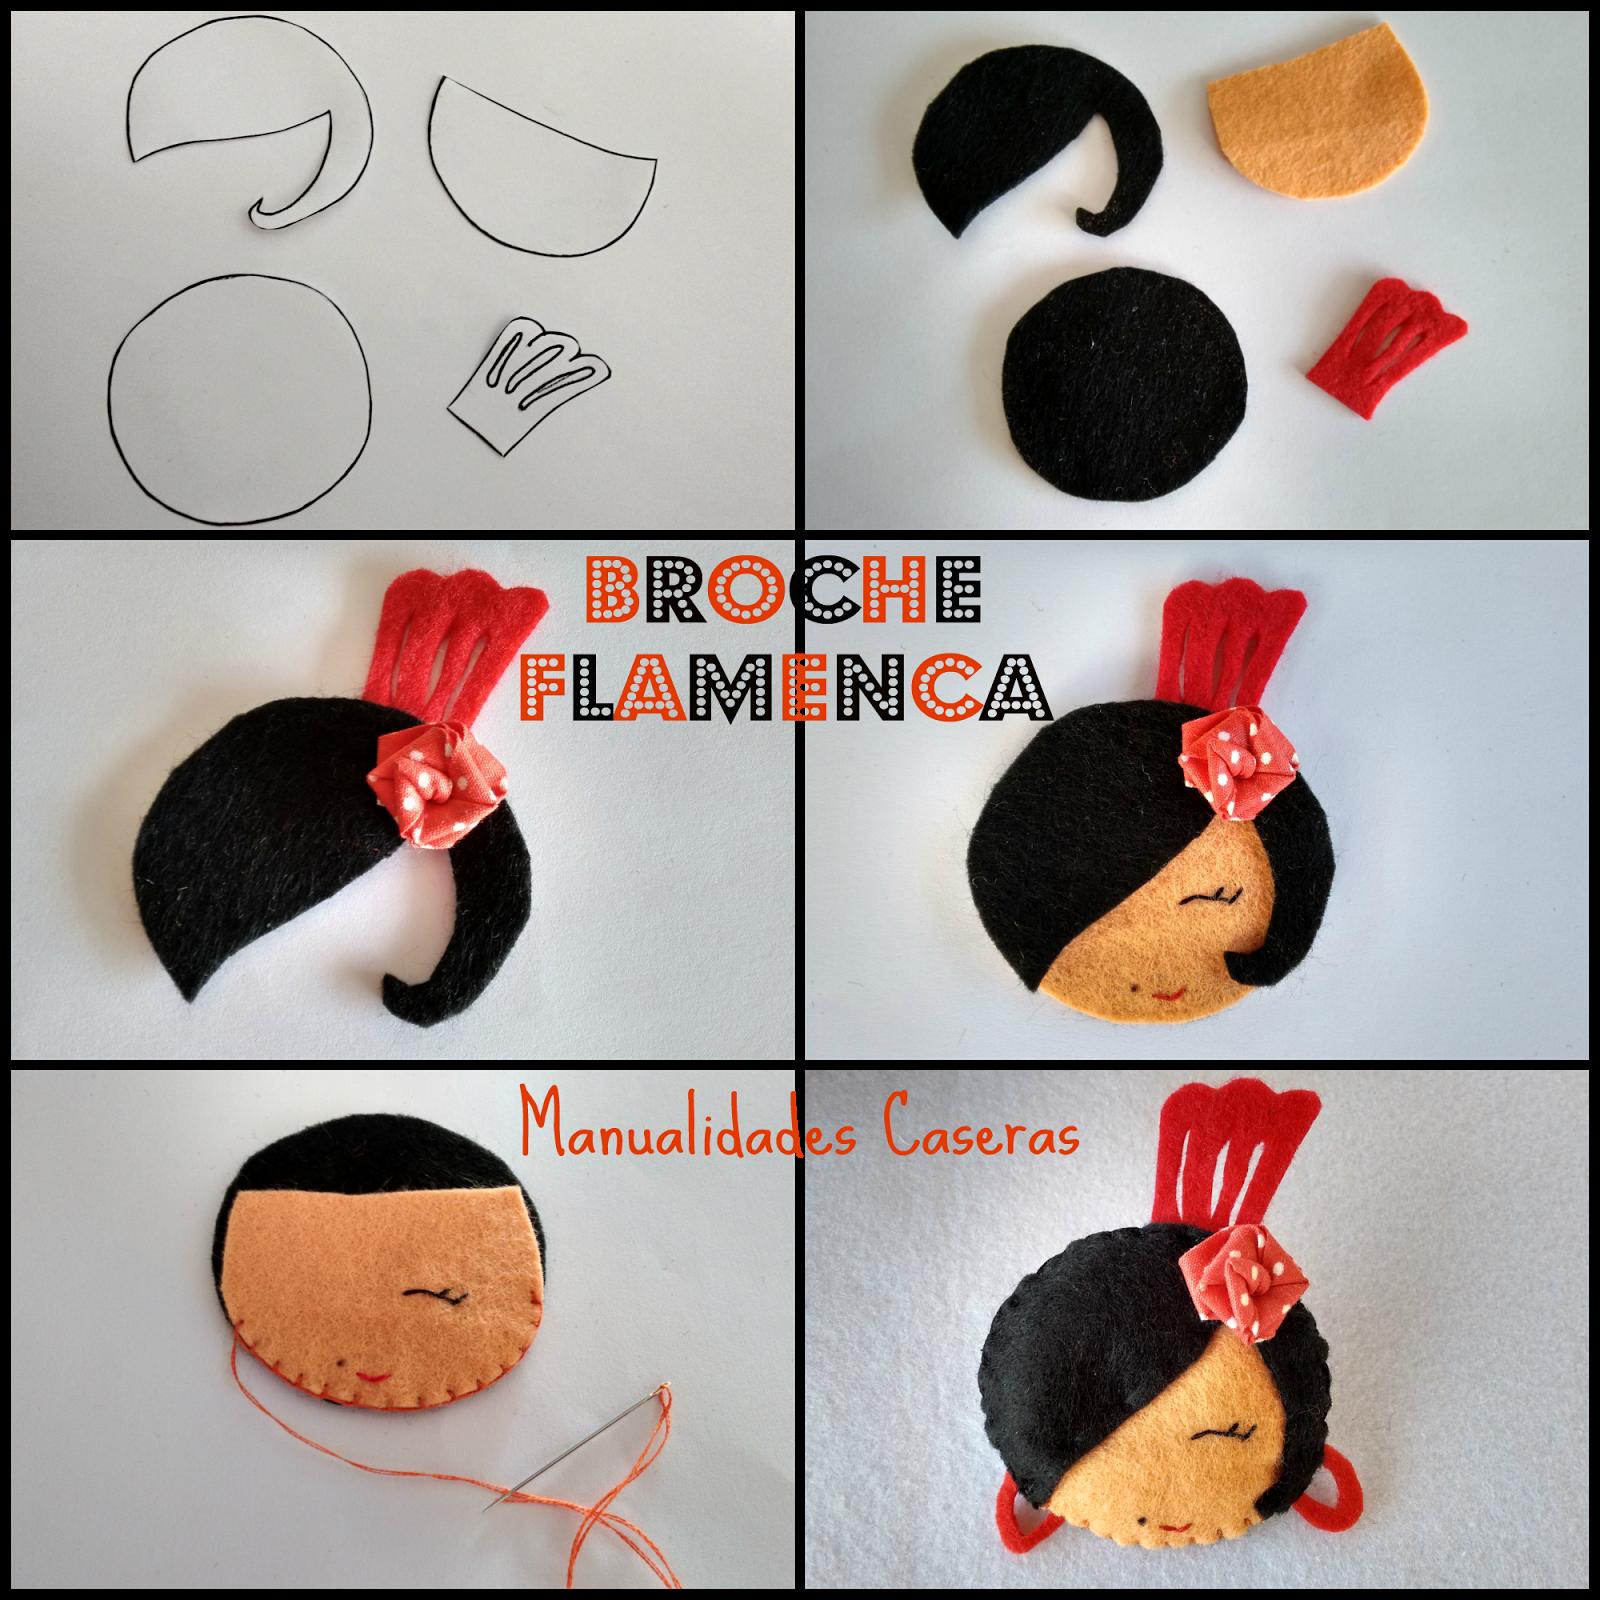 Manualidades caseras faciles como hacer un broche de flamenca doll pinterest felting - Www manualidades faciles ...